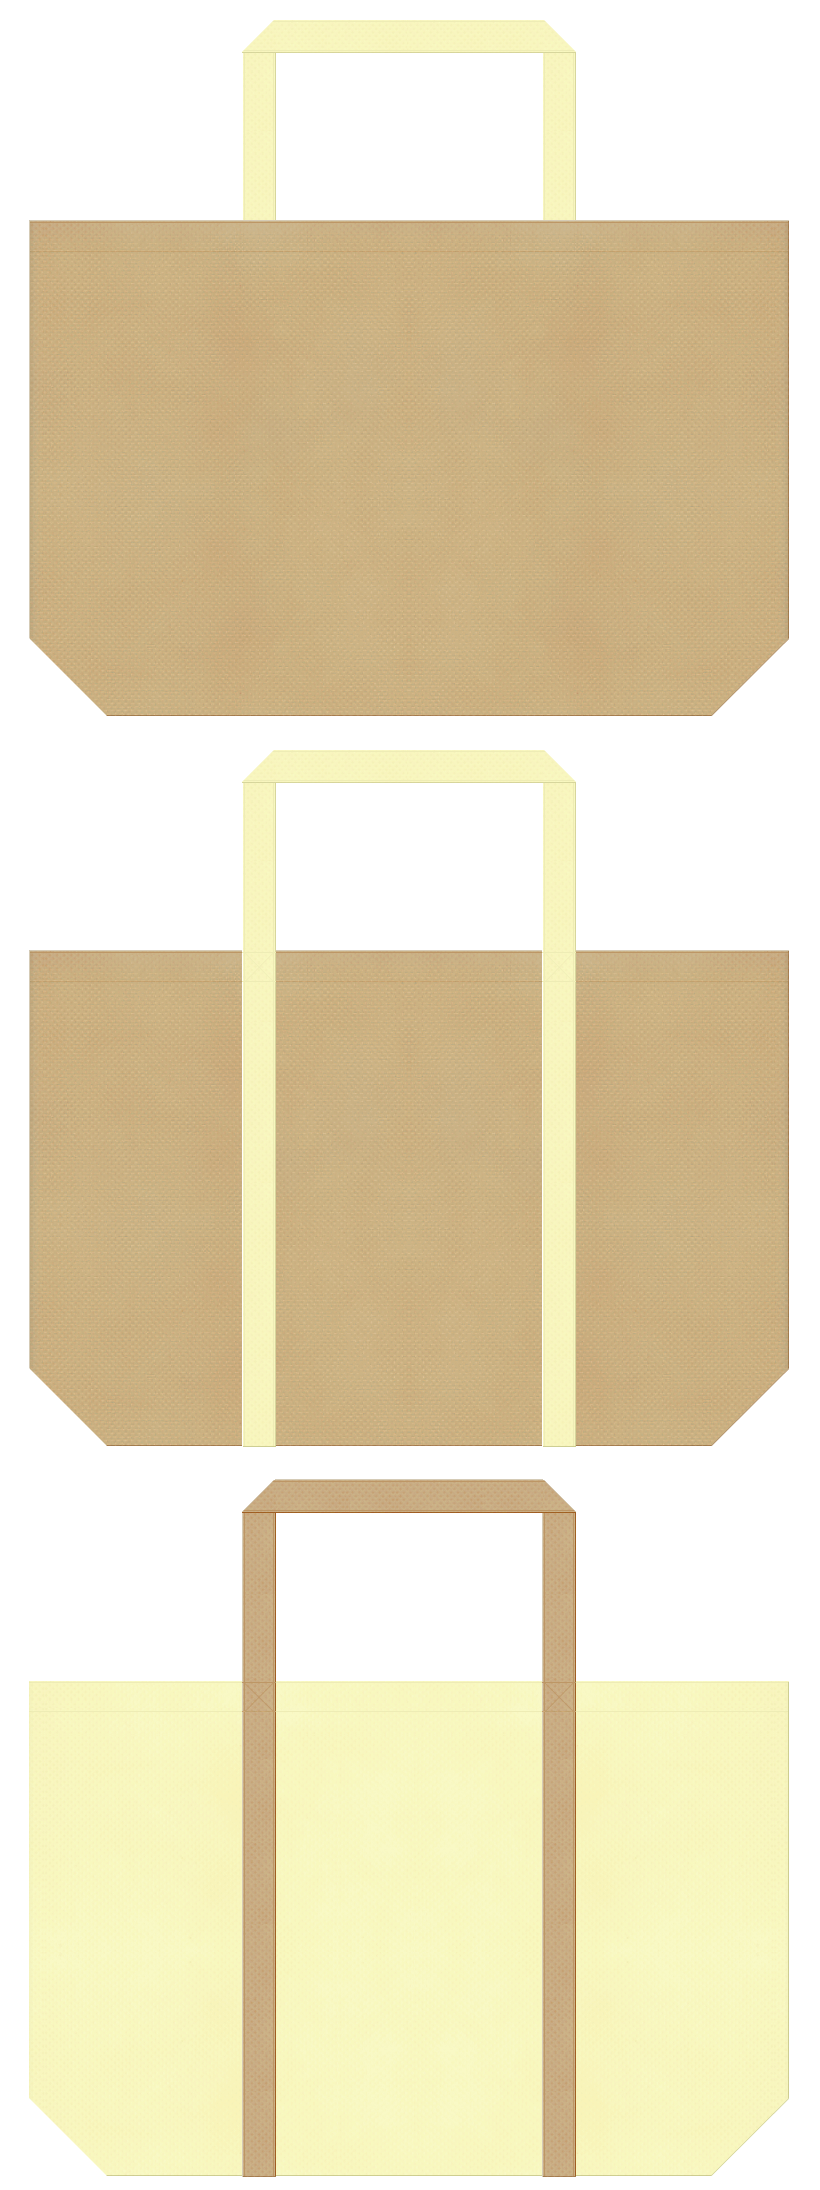 ガーリーデザイン・手芸・ぬいぐるみ・ペットサロン・たいやき・クレープ・クッキー・マーガリン・クリームパン・スイーツ・ベーカリー・和菓子のショッピングバッグにお奨めの不織布バッグデザイン:カーキ色と薄黄色のコーデ